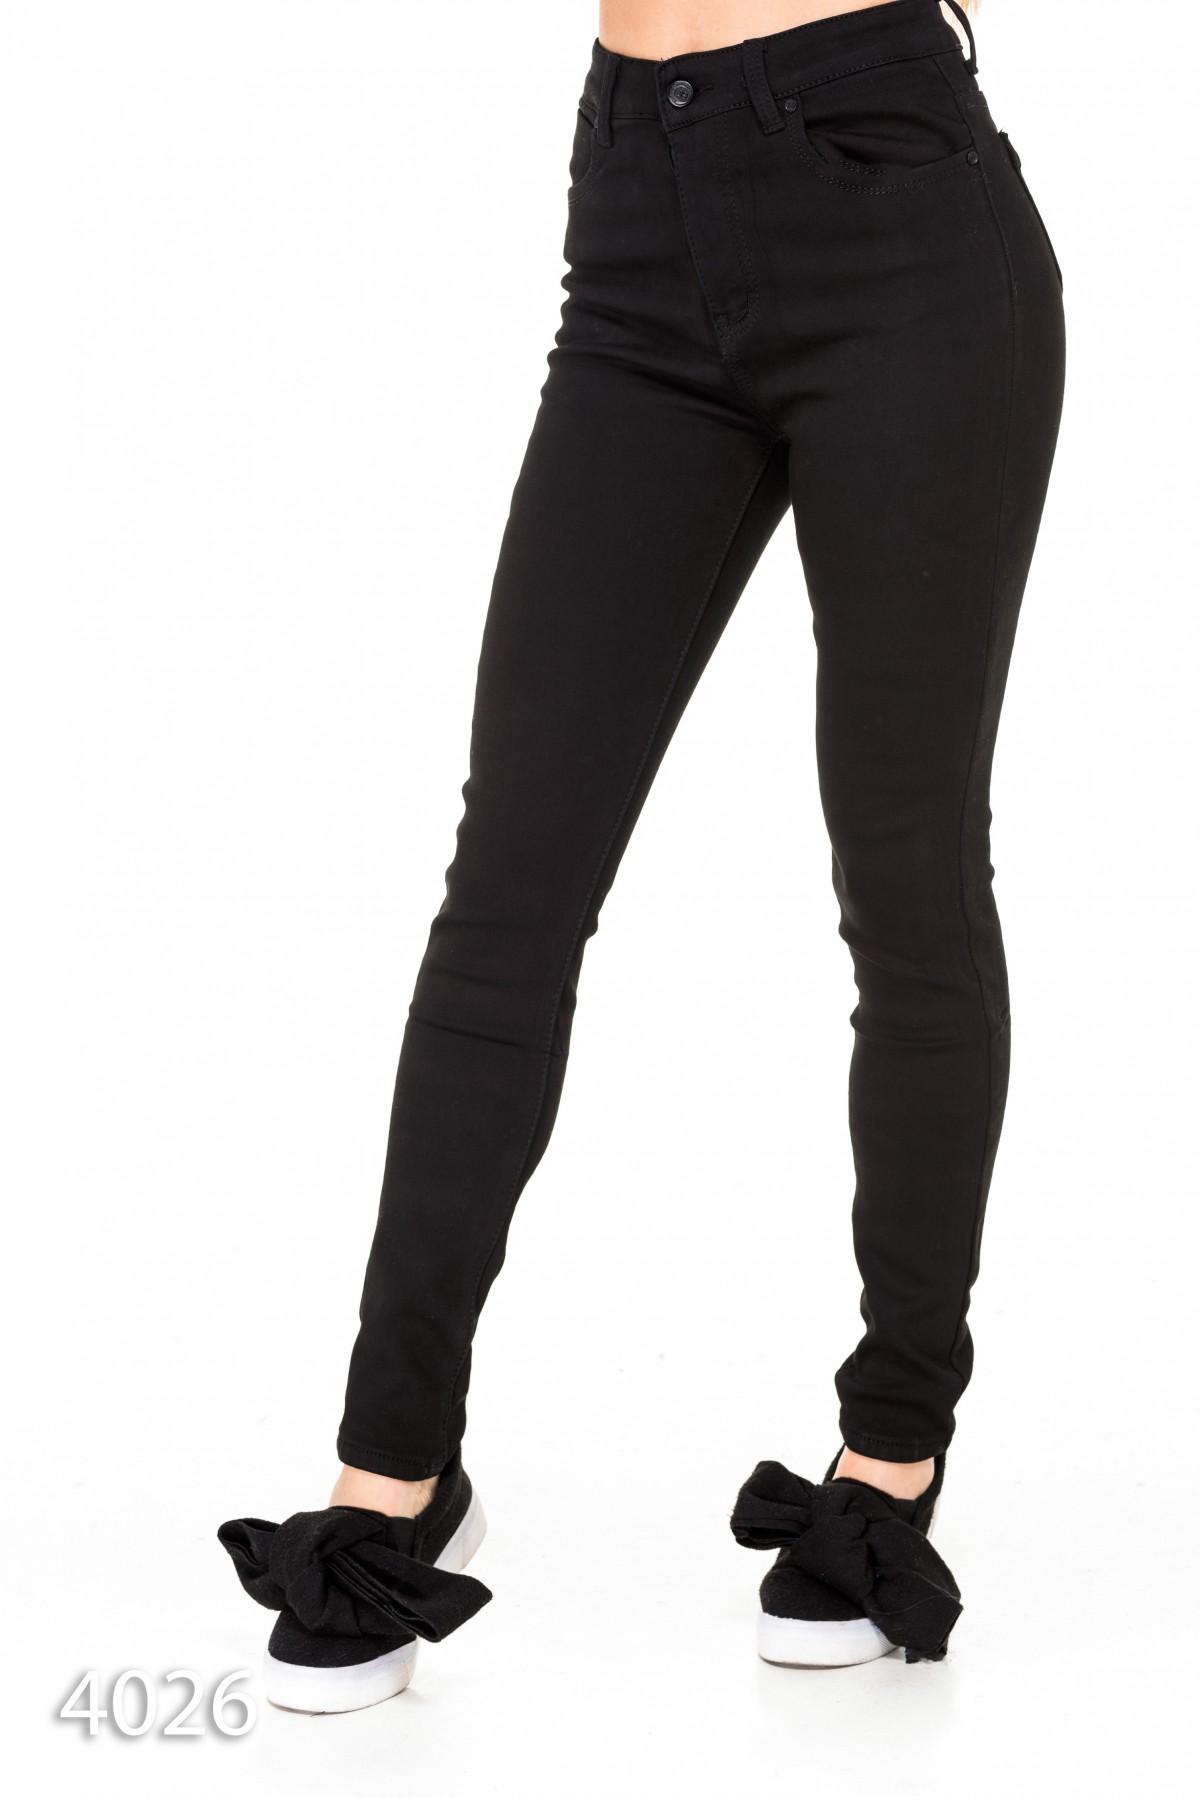 dcfda311d44 Черные узкие утепленные джинсы с высокой талией  560 грн. фото 2 ...